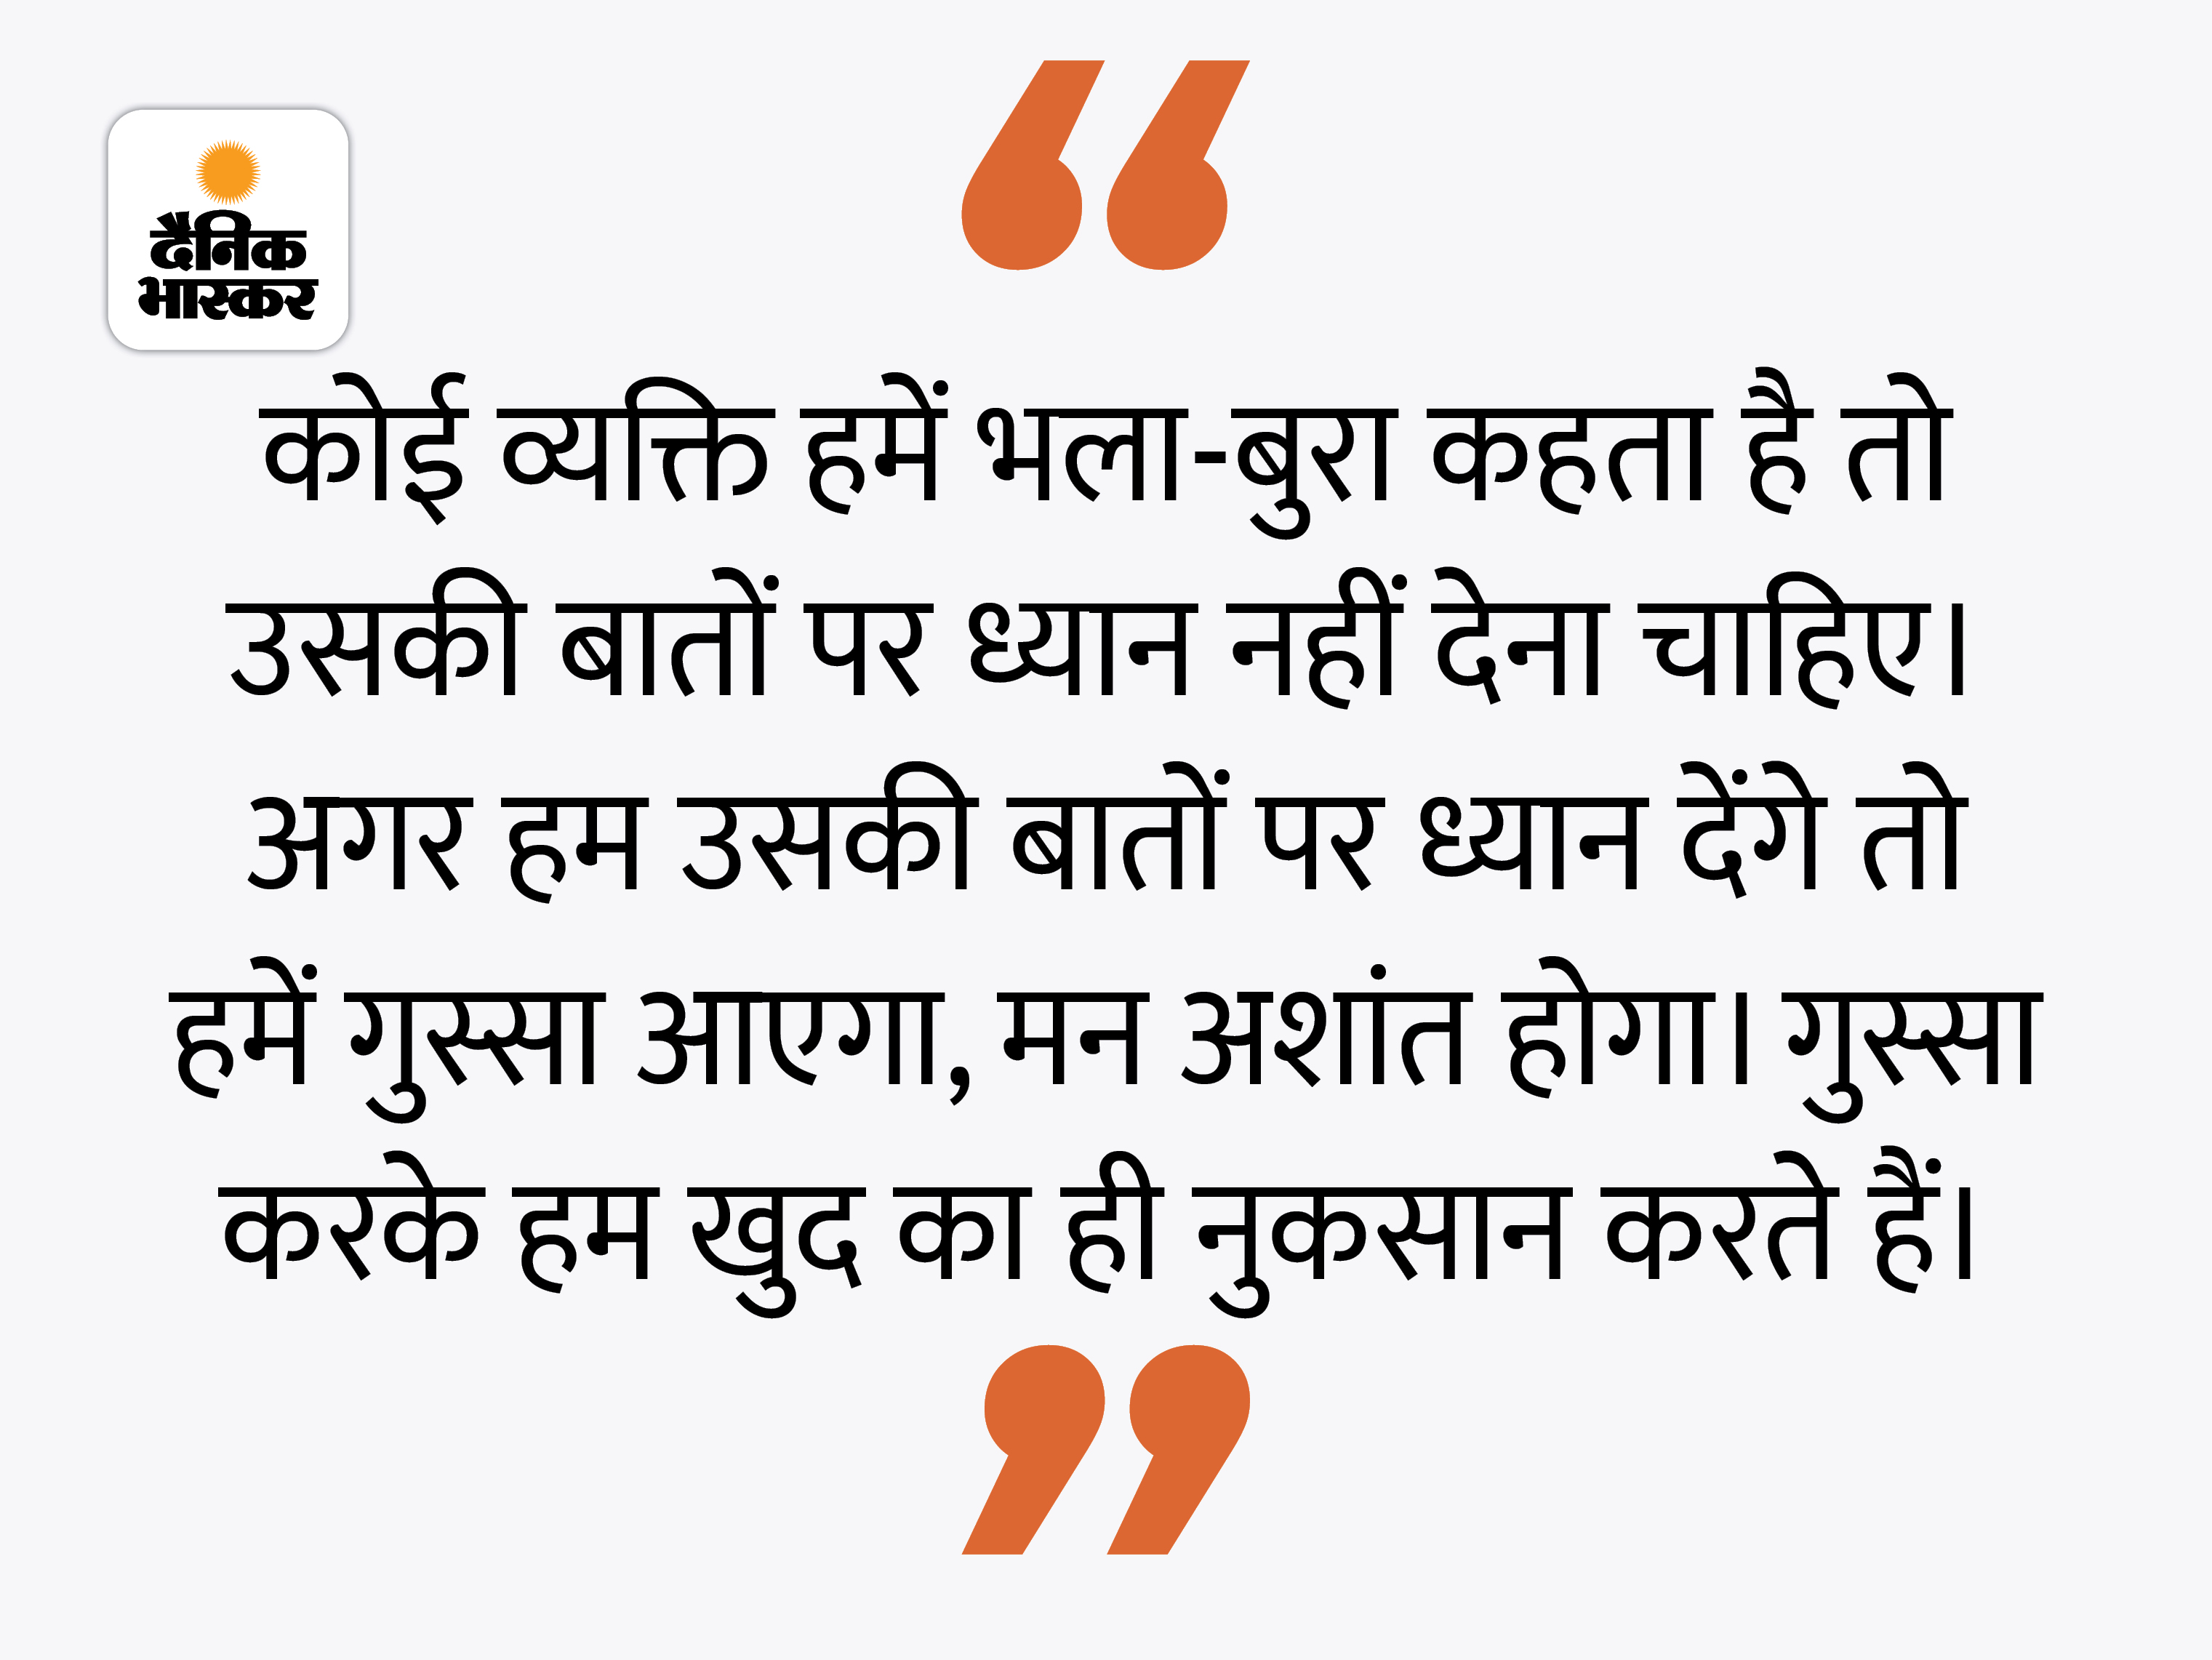 कोई हमारा अपमान करता है तो उसके अपशब्द न तो सुनें और न ही स्वीकार करें|धर्म,Dharm - Dainik Bhaskar